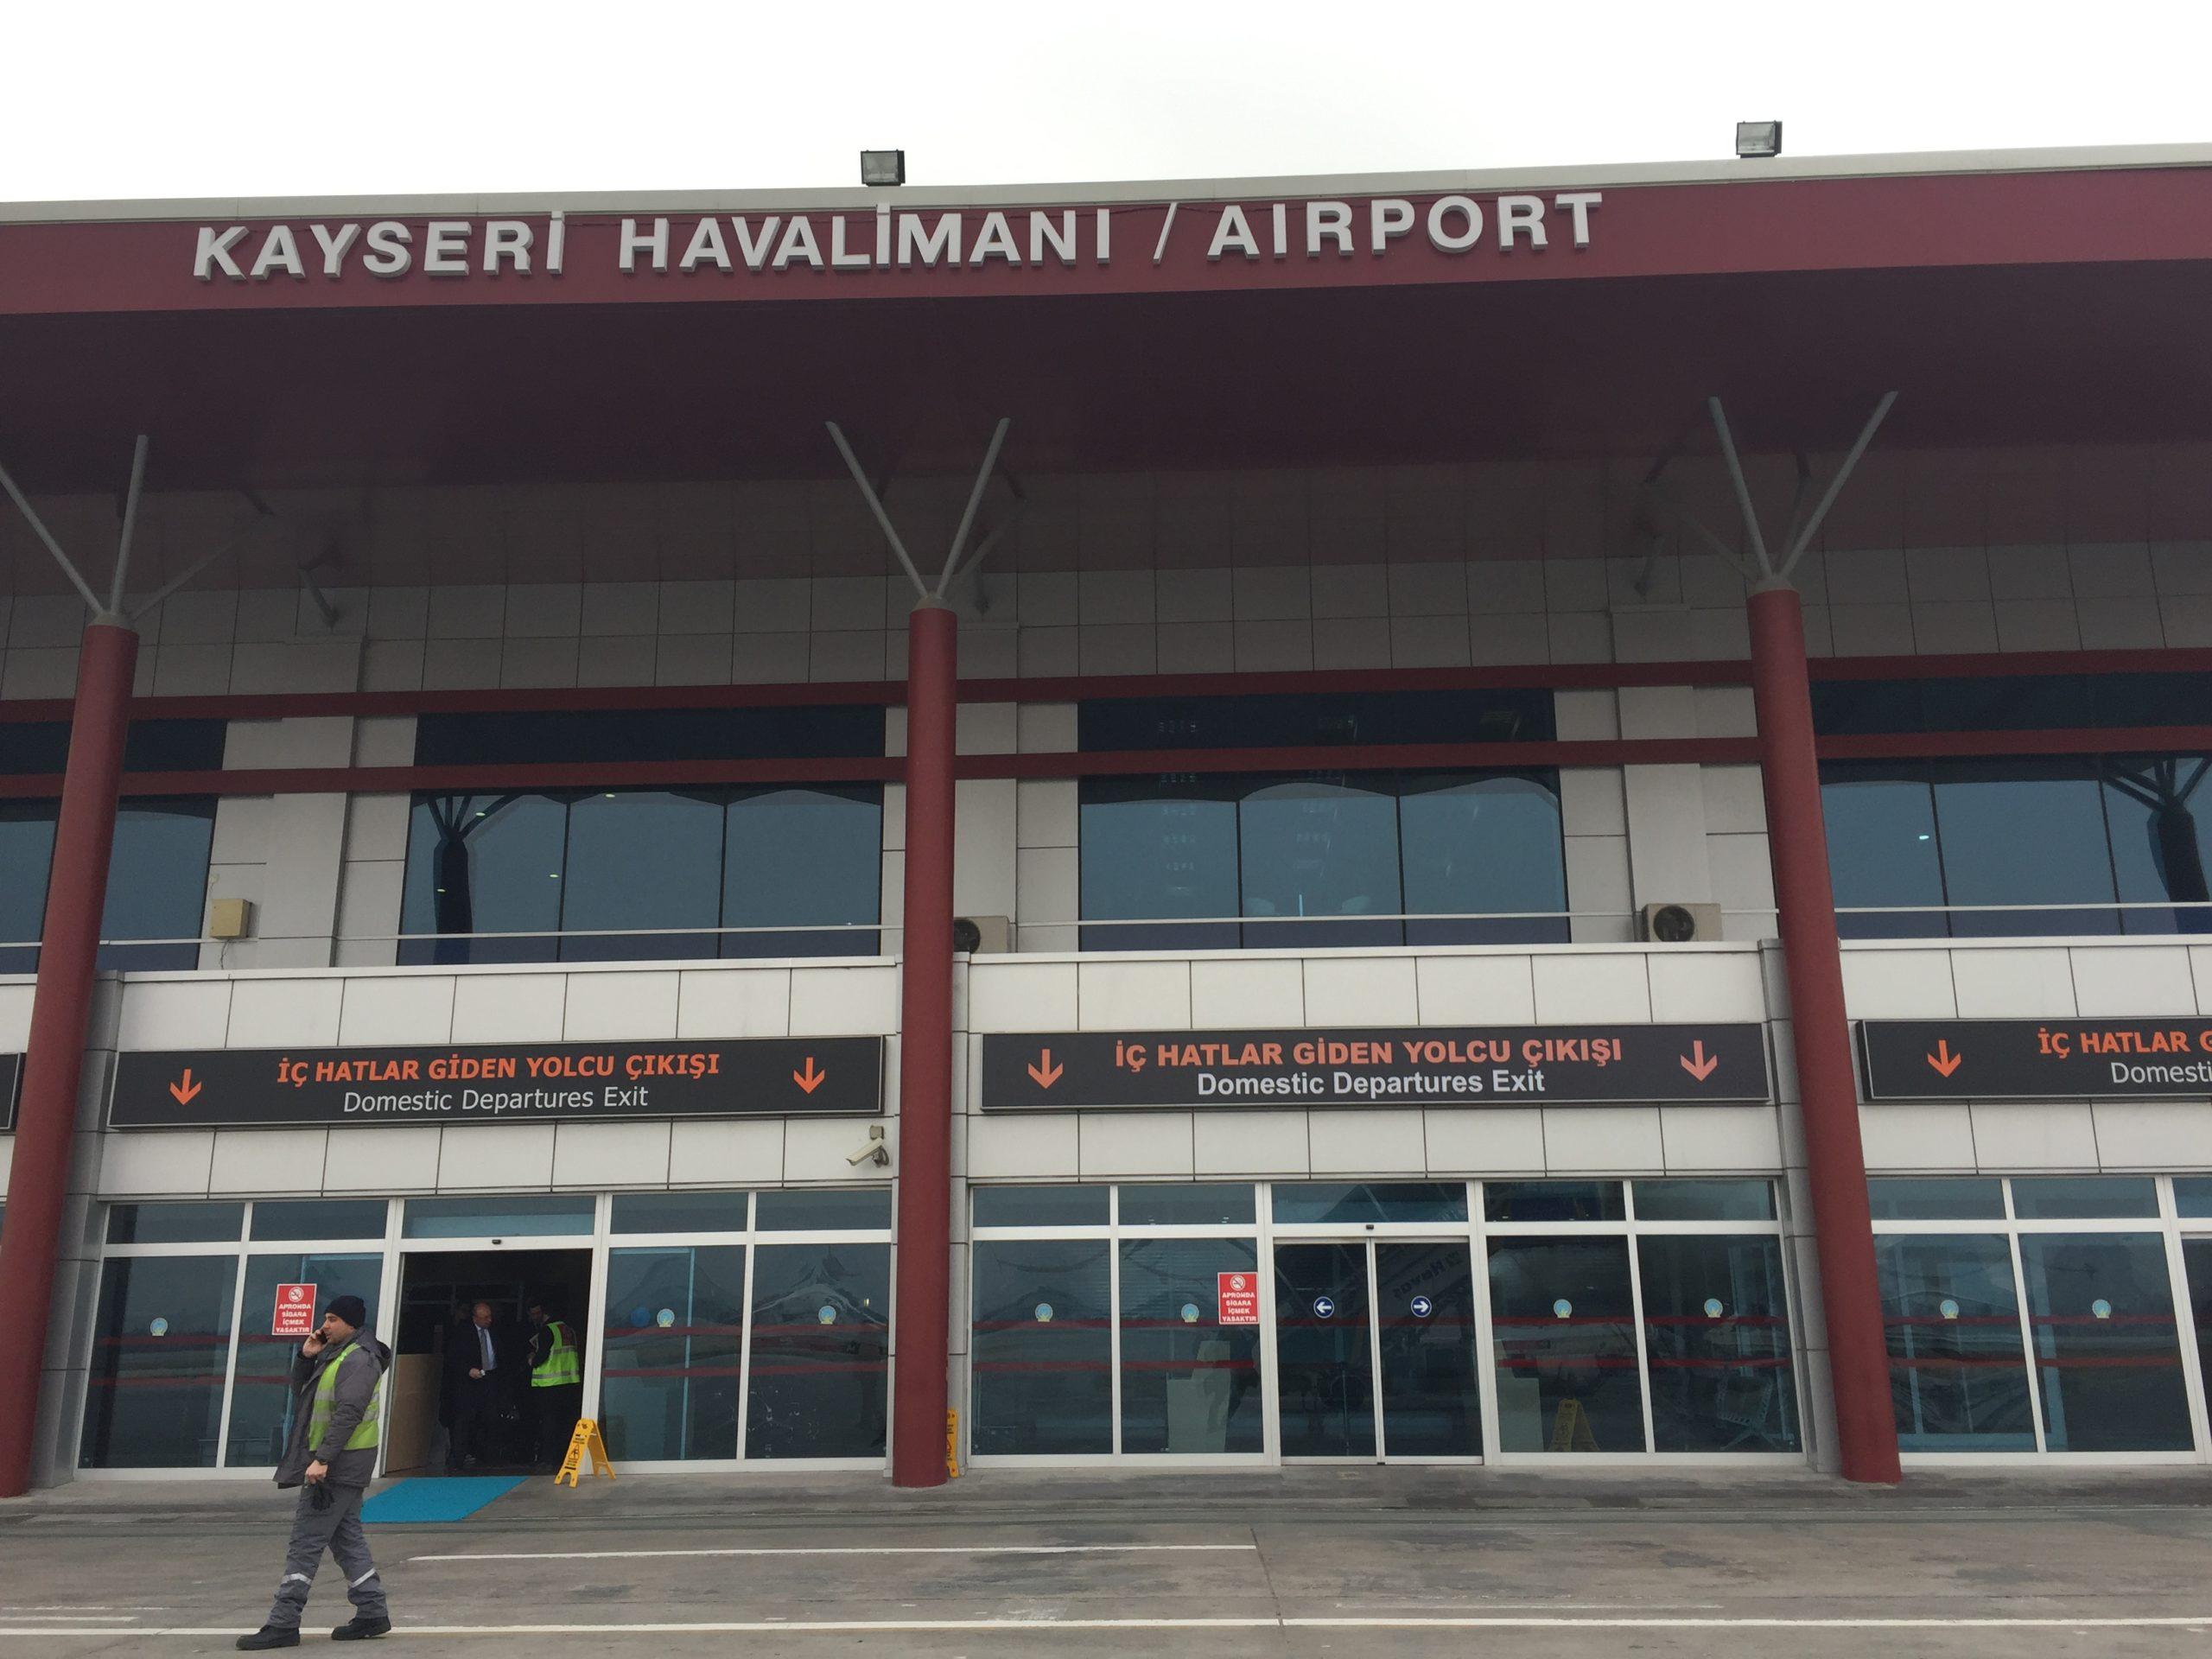 カイセリ空港の写真